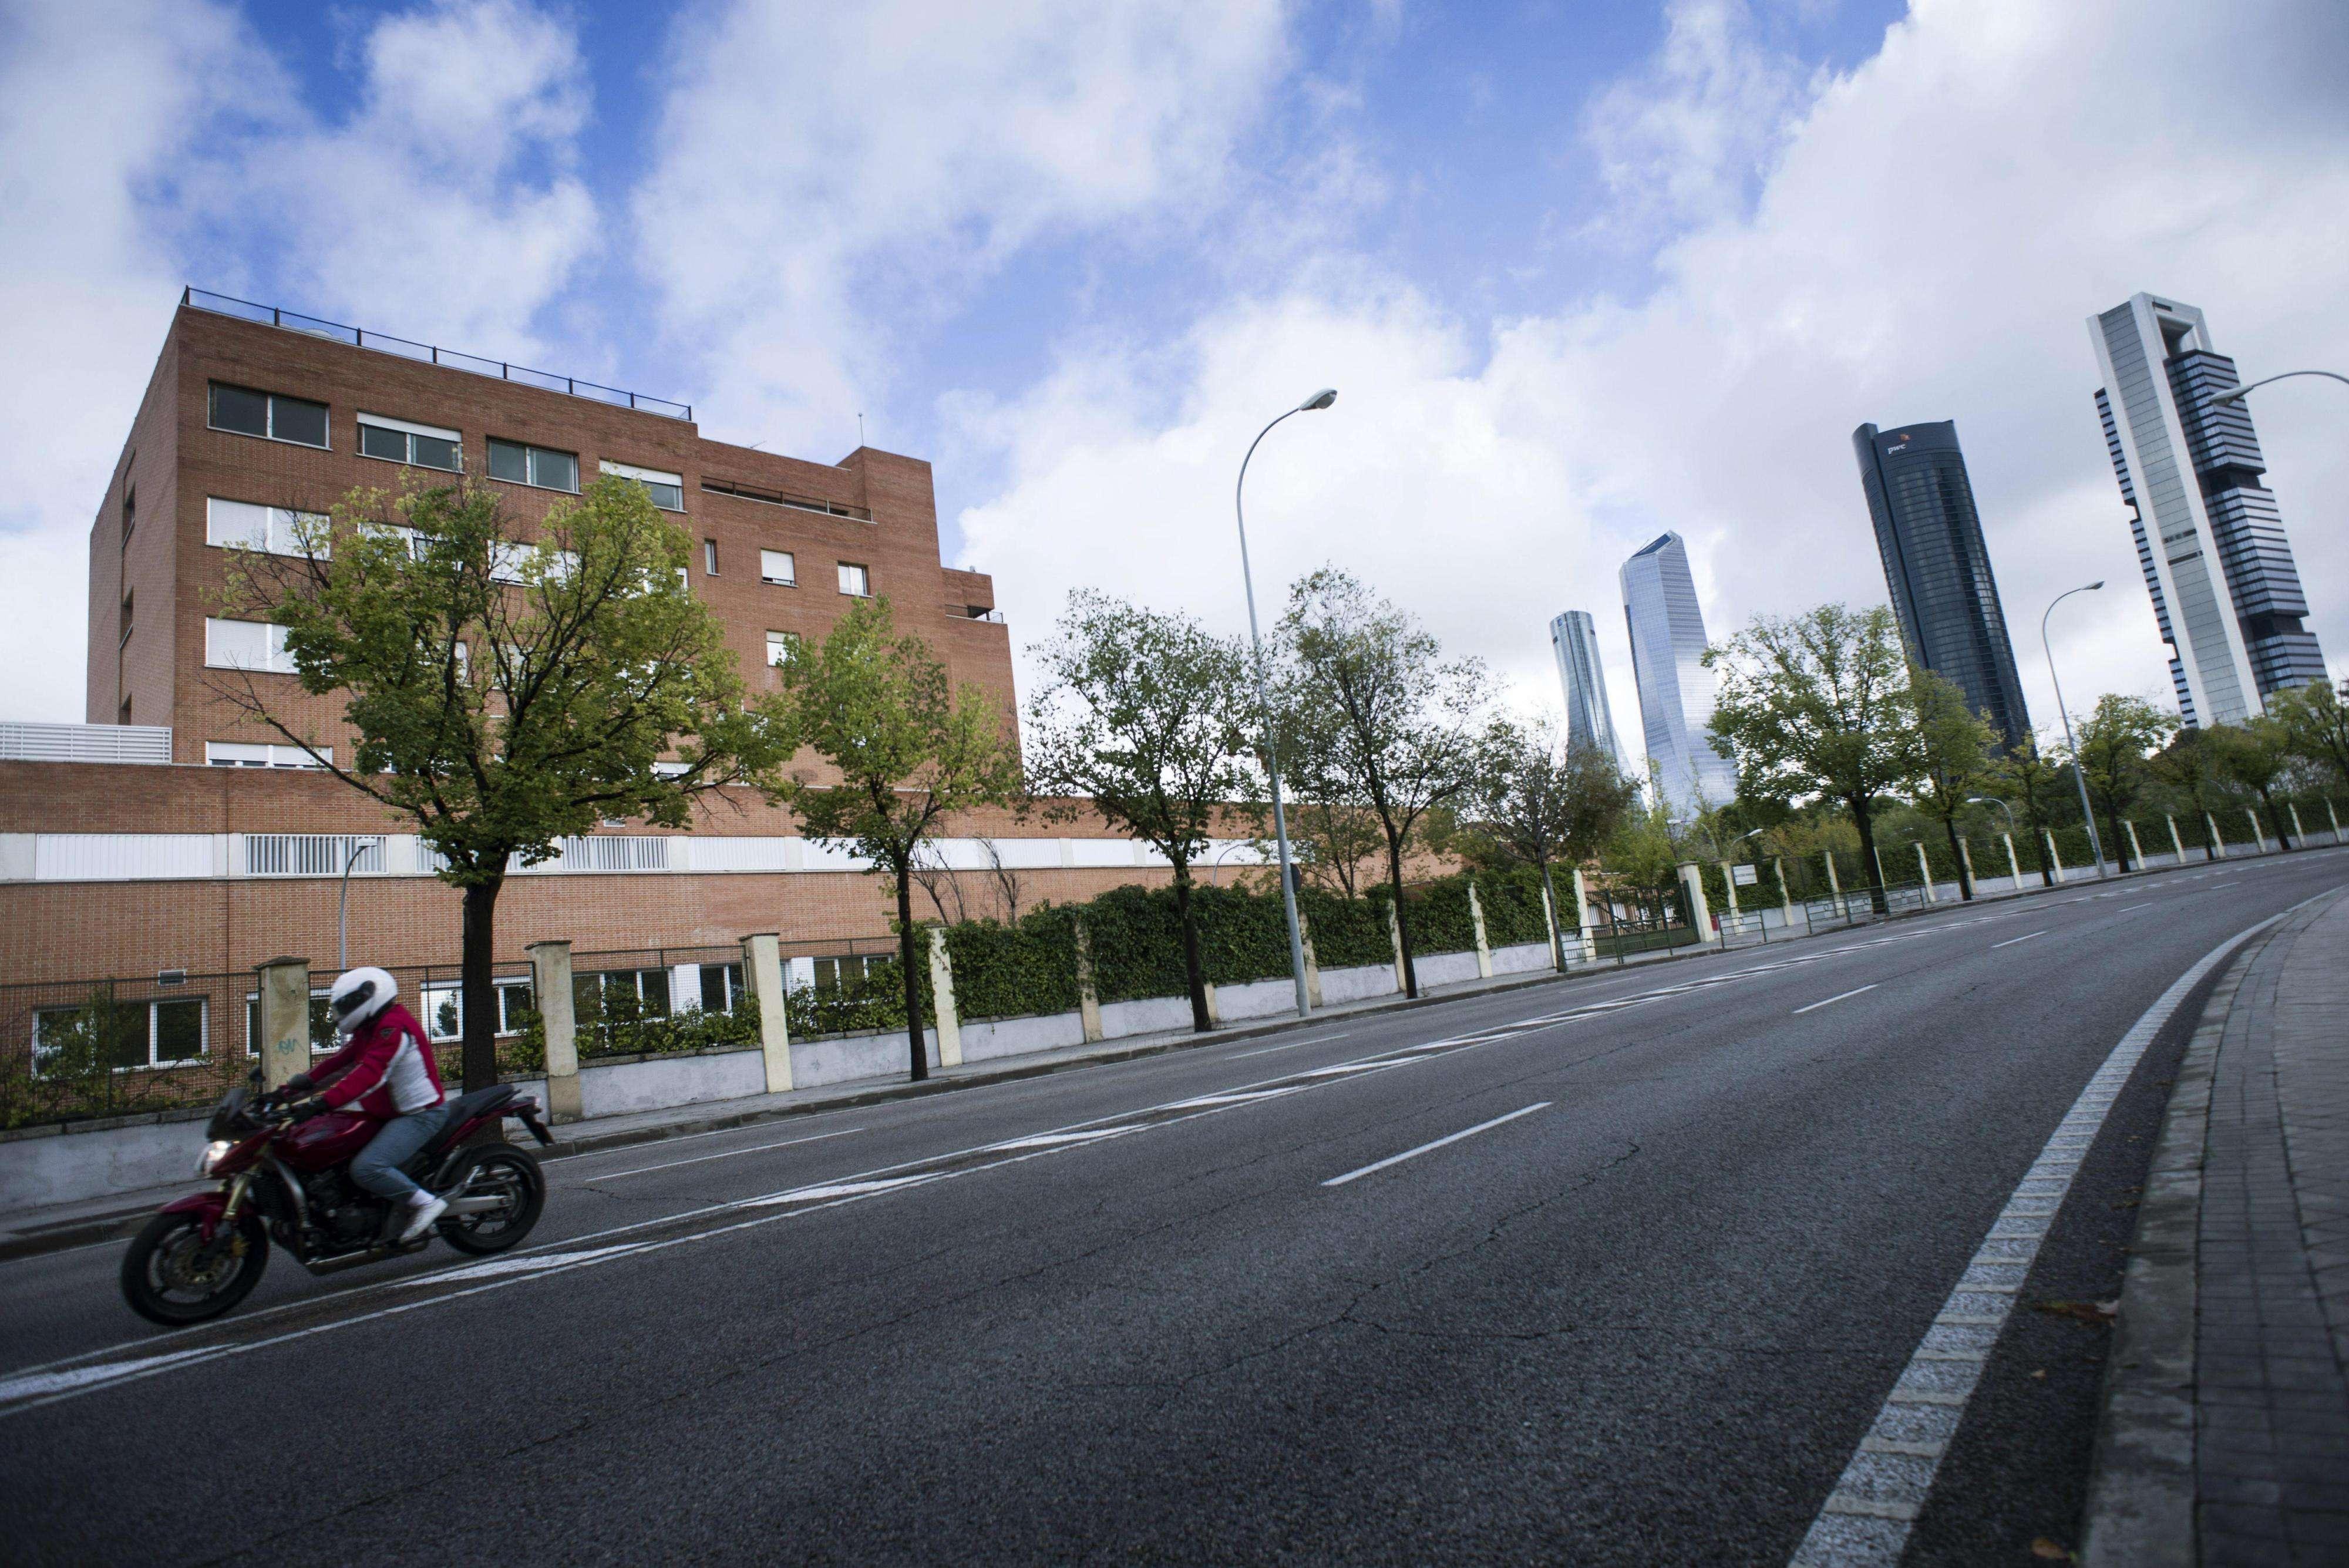 Vista del Hospital Carlos III de Madrid, donde se encuentra ingresada la auxiliar de enfermería Teresa Romero. Foto: EFE en español